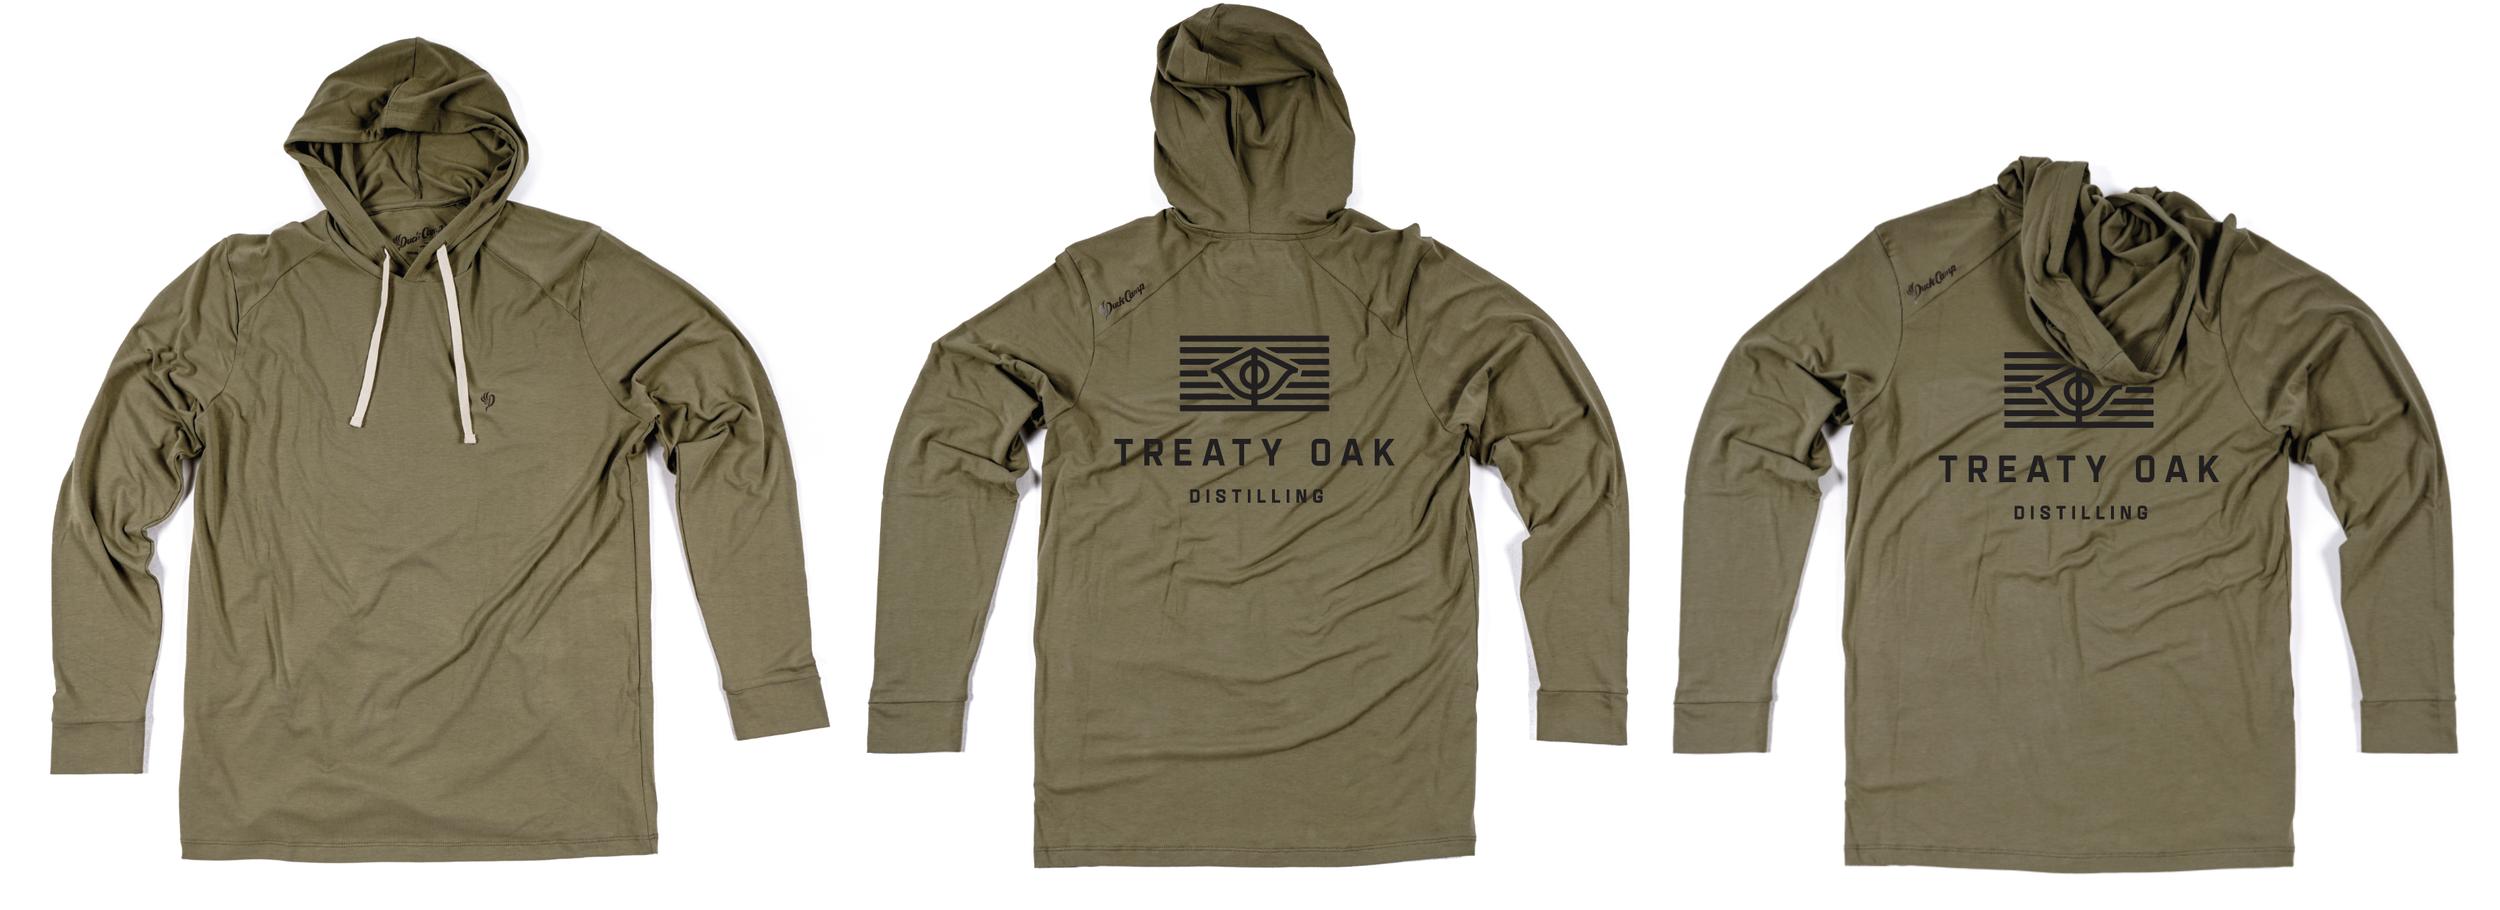 Duck Camp X Treaty Oak Distilling Bamboo Sun Shirt 2019